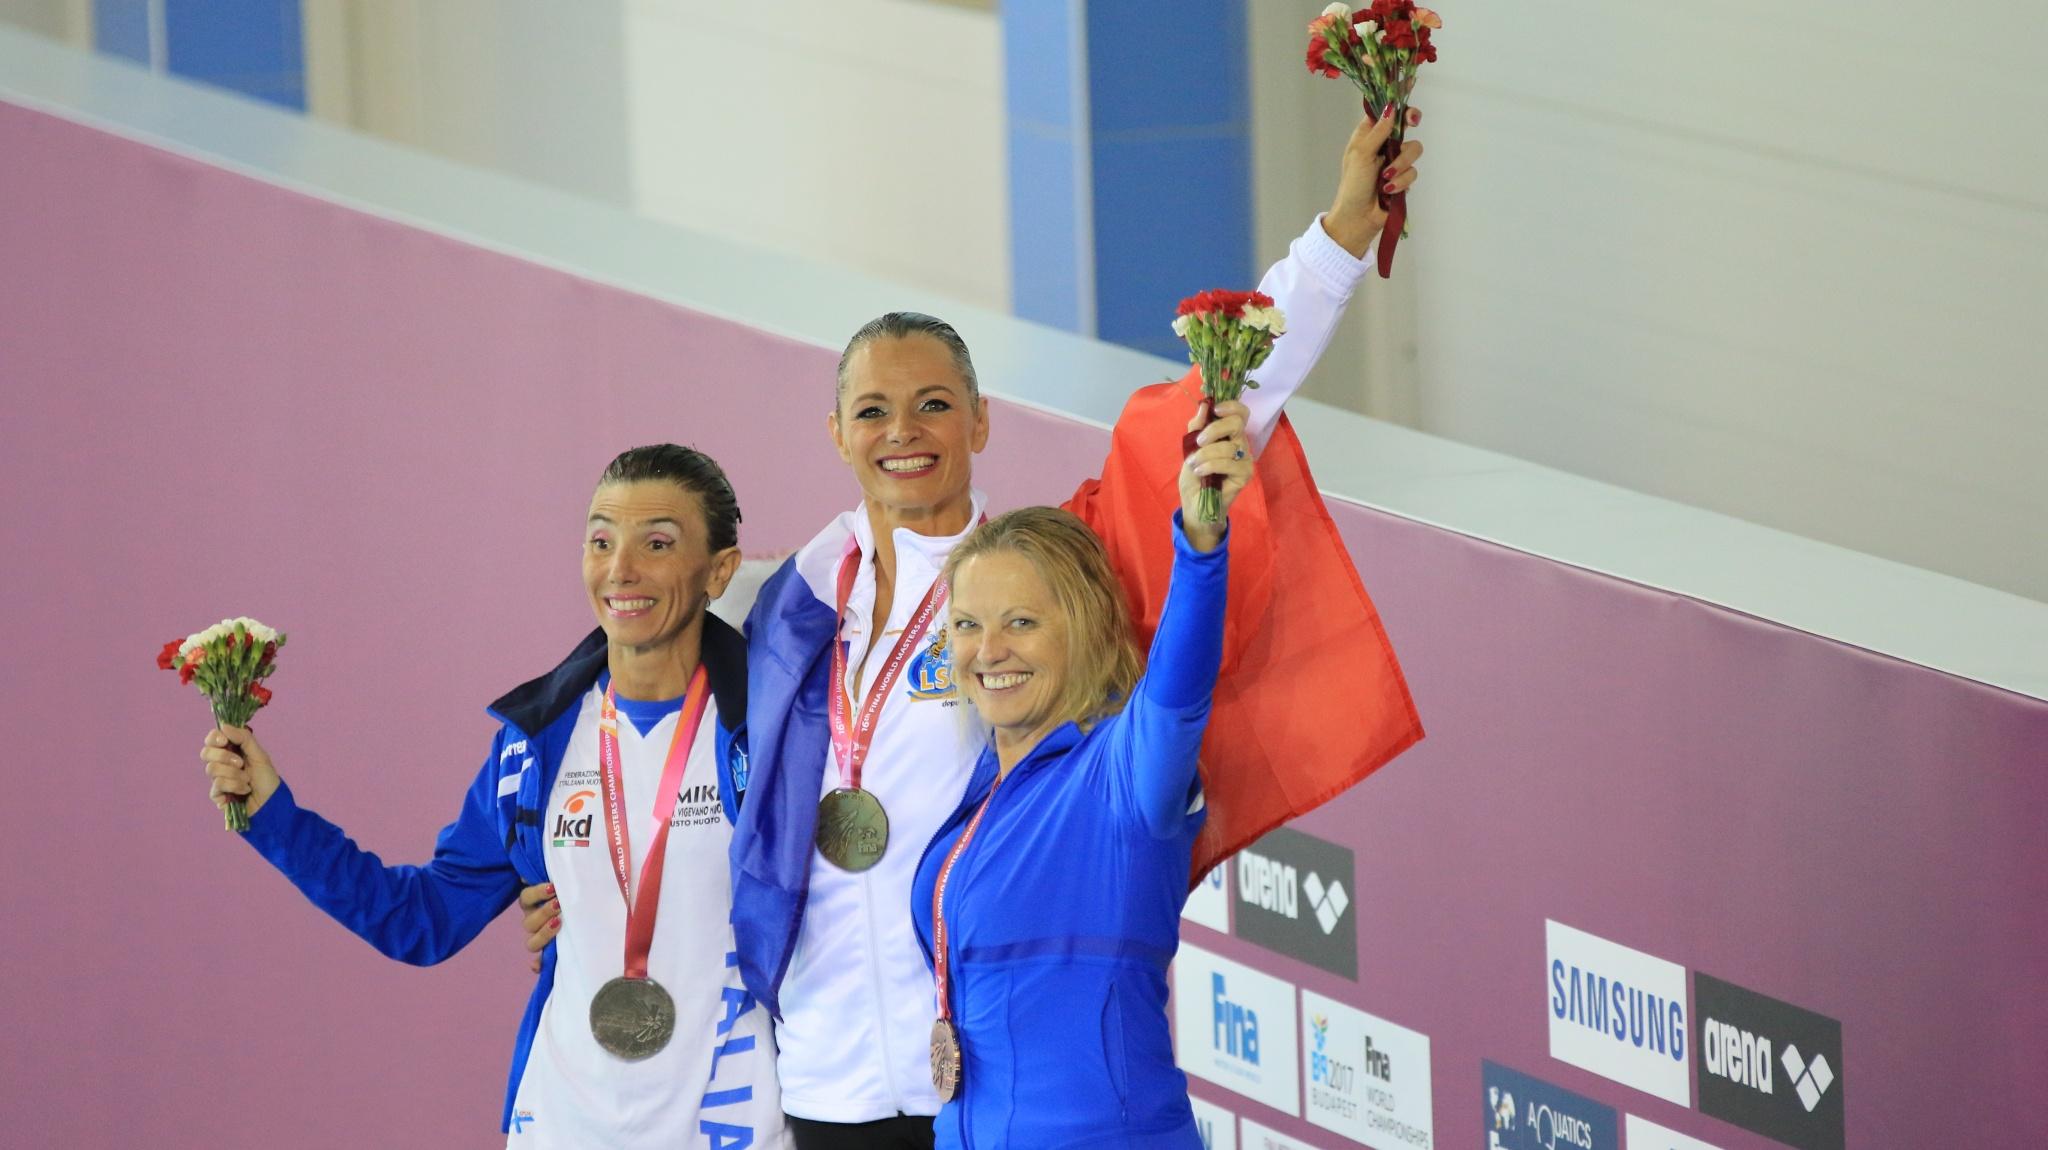 Miuriel Hermine au centre du podium des Masters de natation synchronisée à Kazan (Russie) - Crédit photo : Quentin Quennehen